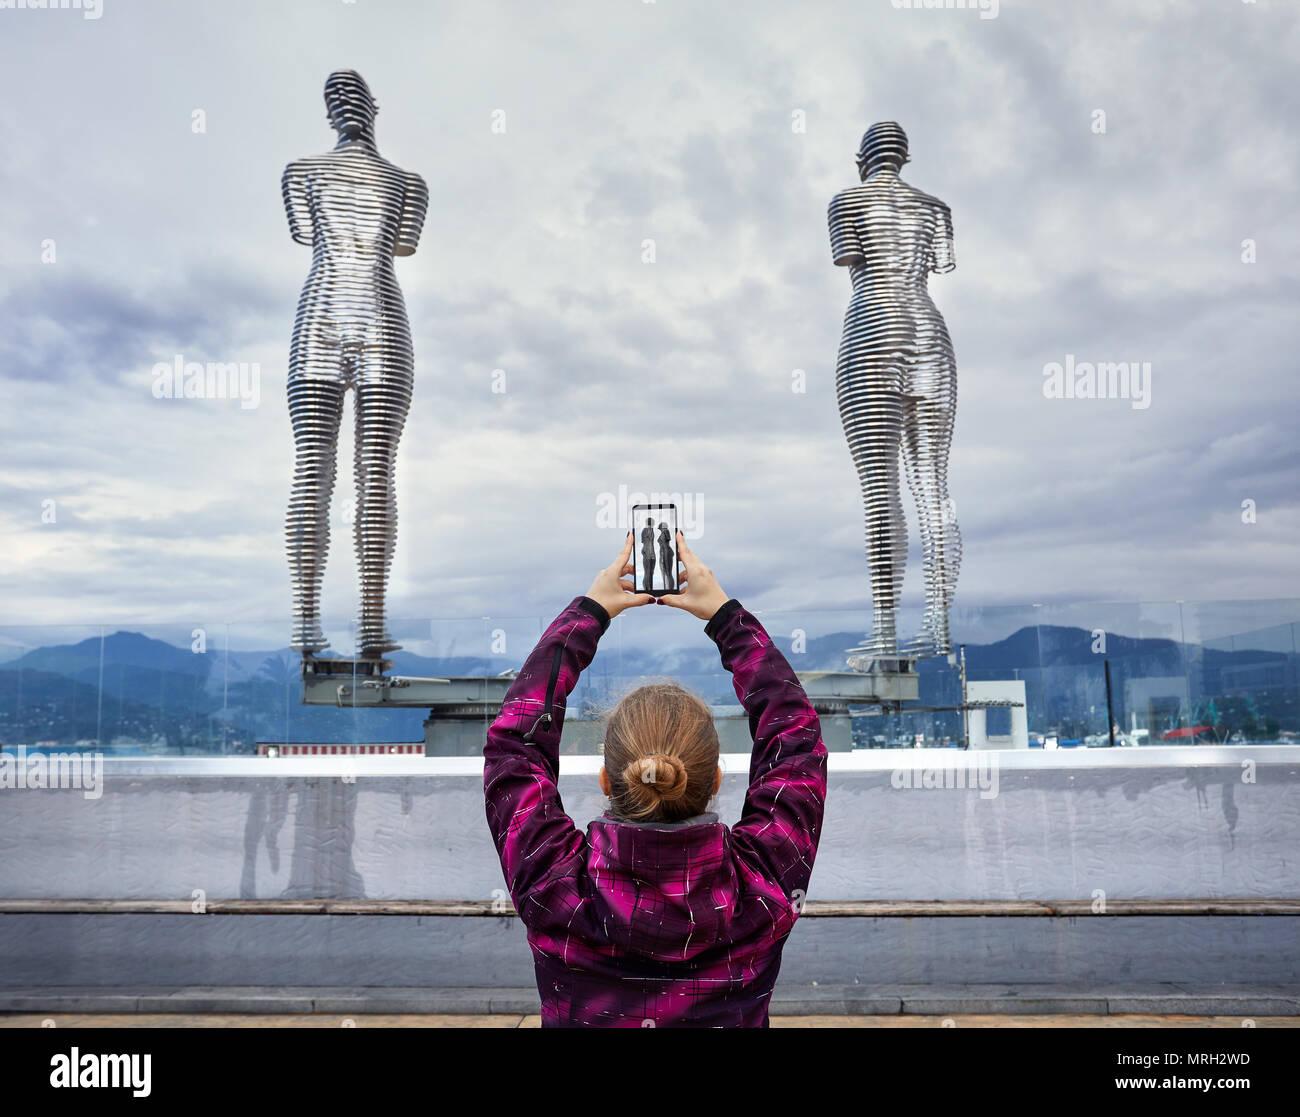 Donna turistica foto di incollamento di statue Ali e Nino con lo smartphone a Batumi, Georgia Immagini Stock